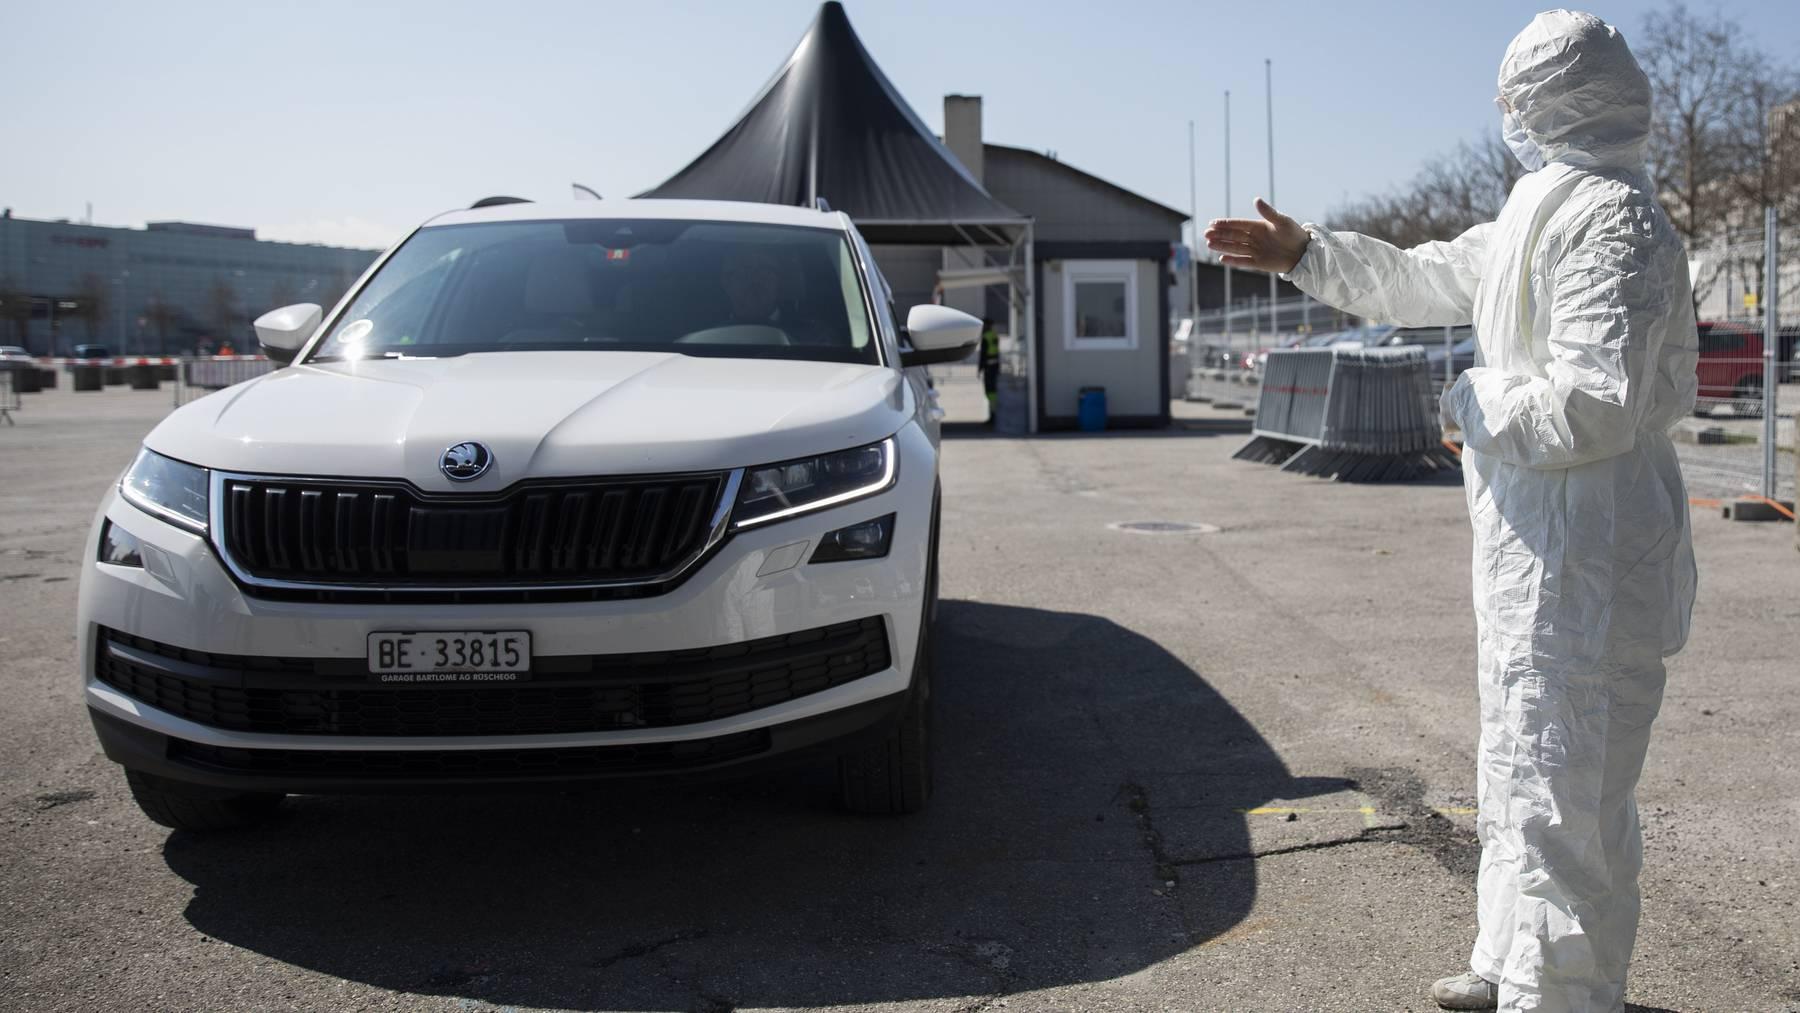 Im Frühling konnte man sich auf dem Bernexpo-Gelände in Bern im eigenen Fahrzeug testen lassen. Nun nimmt das Testcenter den Betrieb wieder auf.